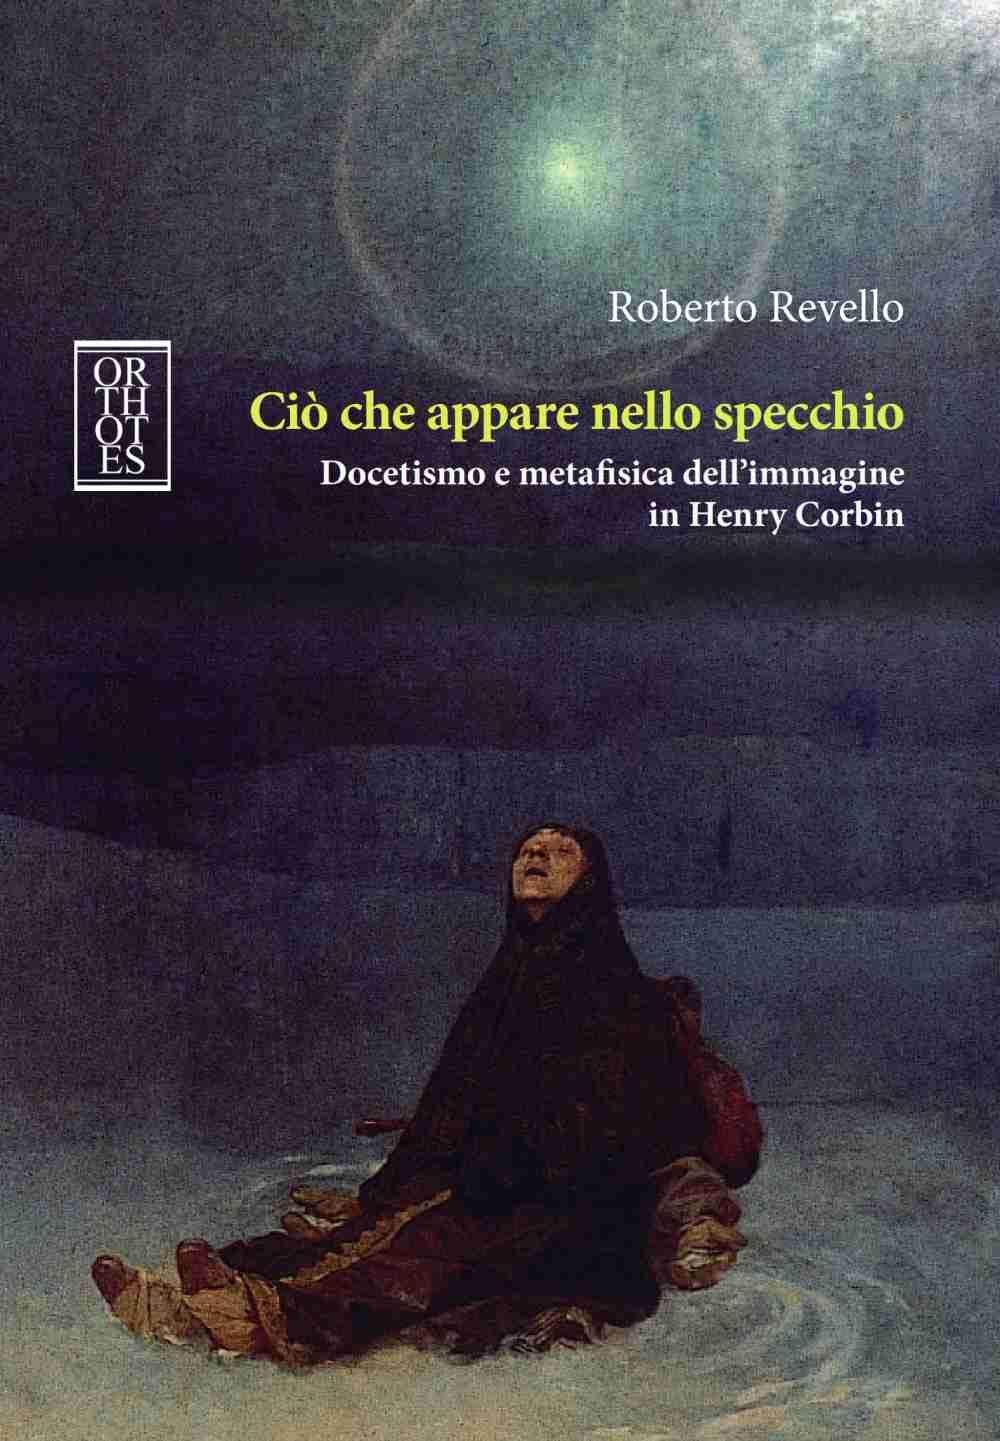 Roberto Revello